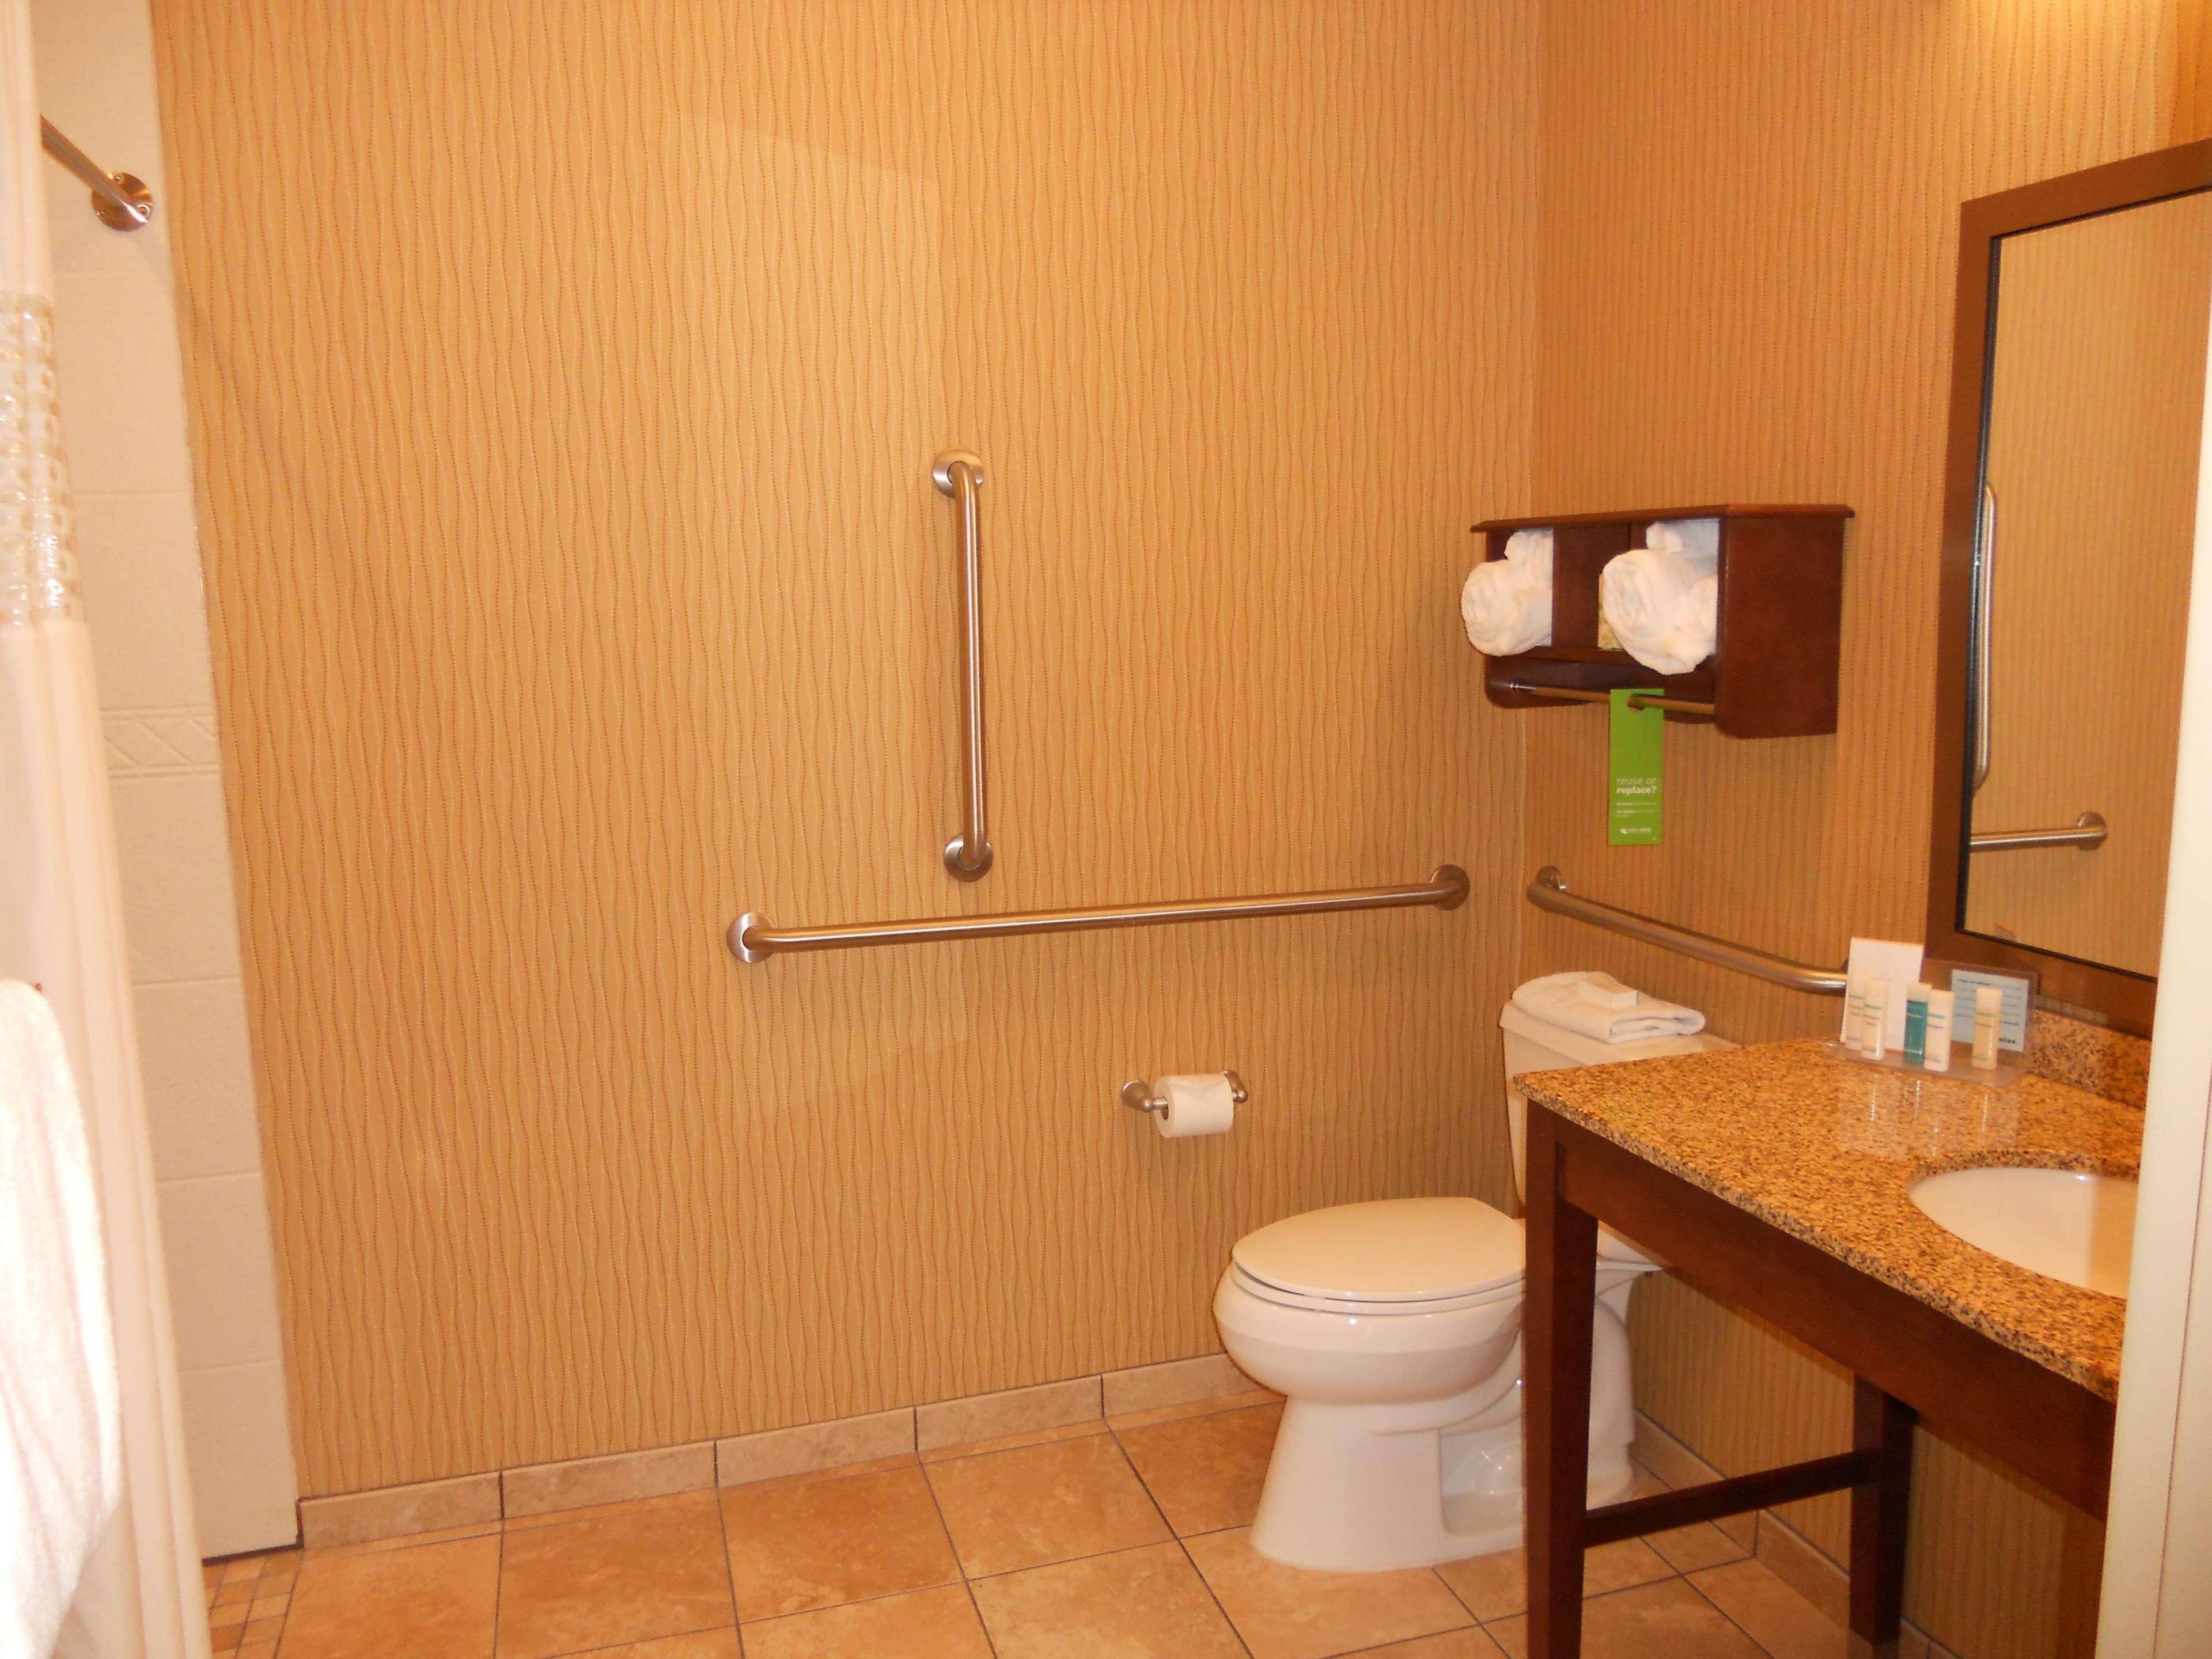 Hampton Inn & Suites Cincinnati/Uptown-University Area image 7